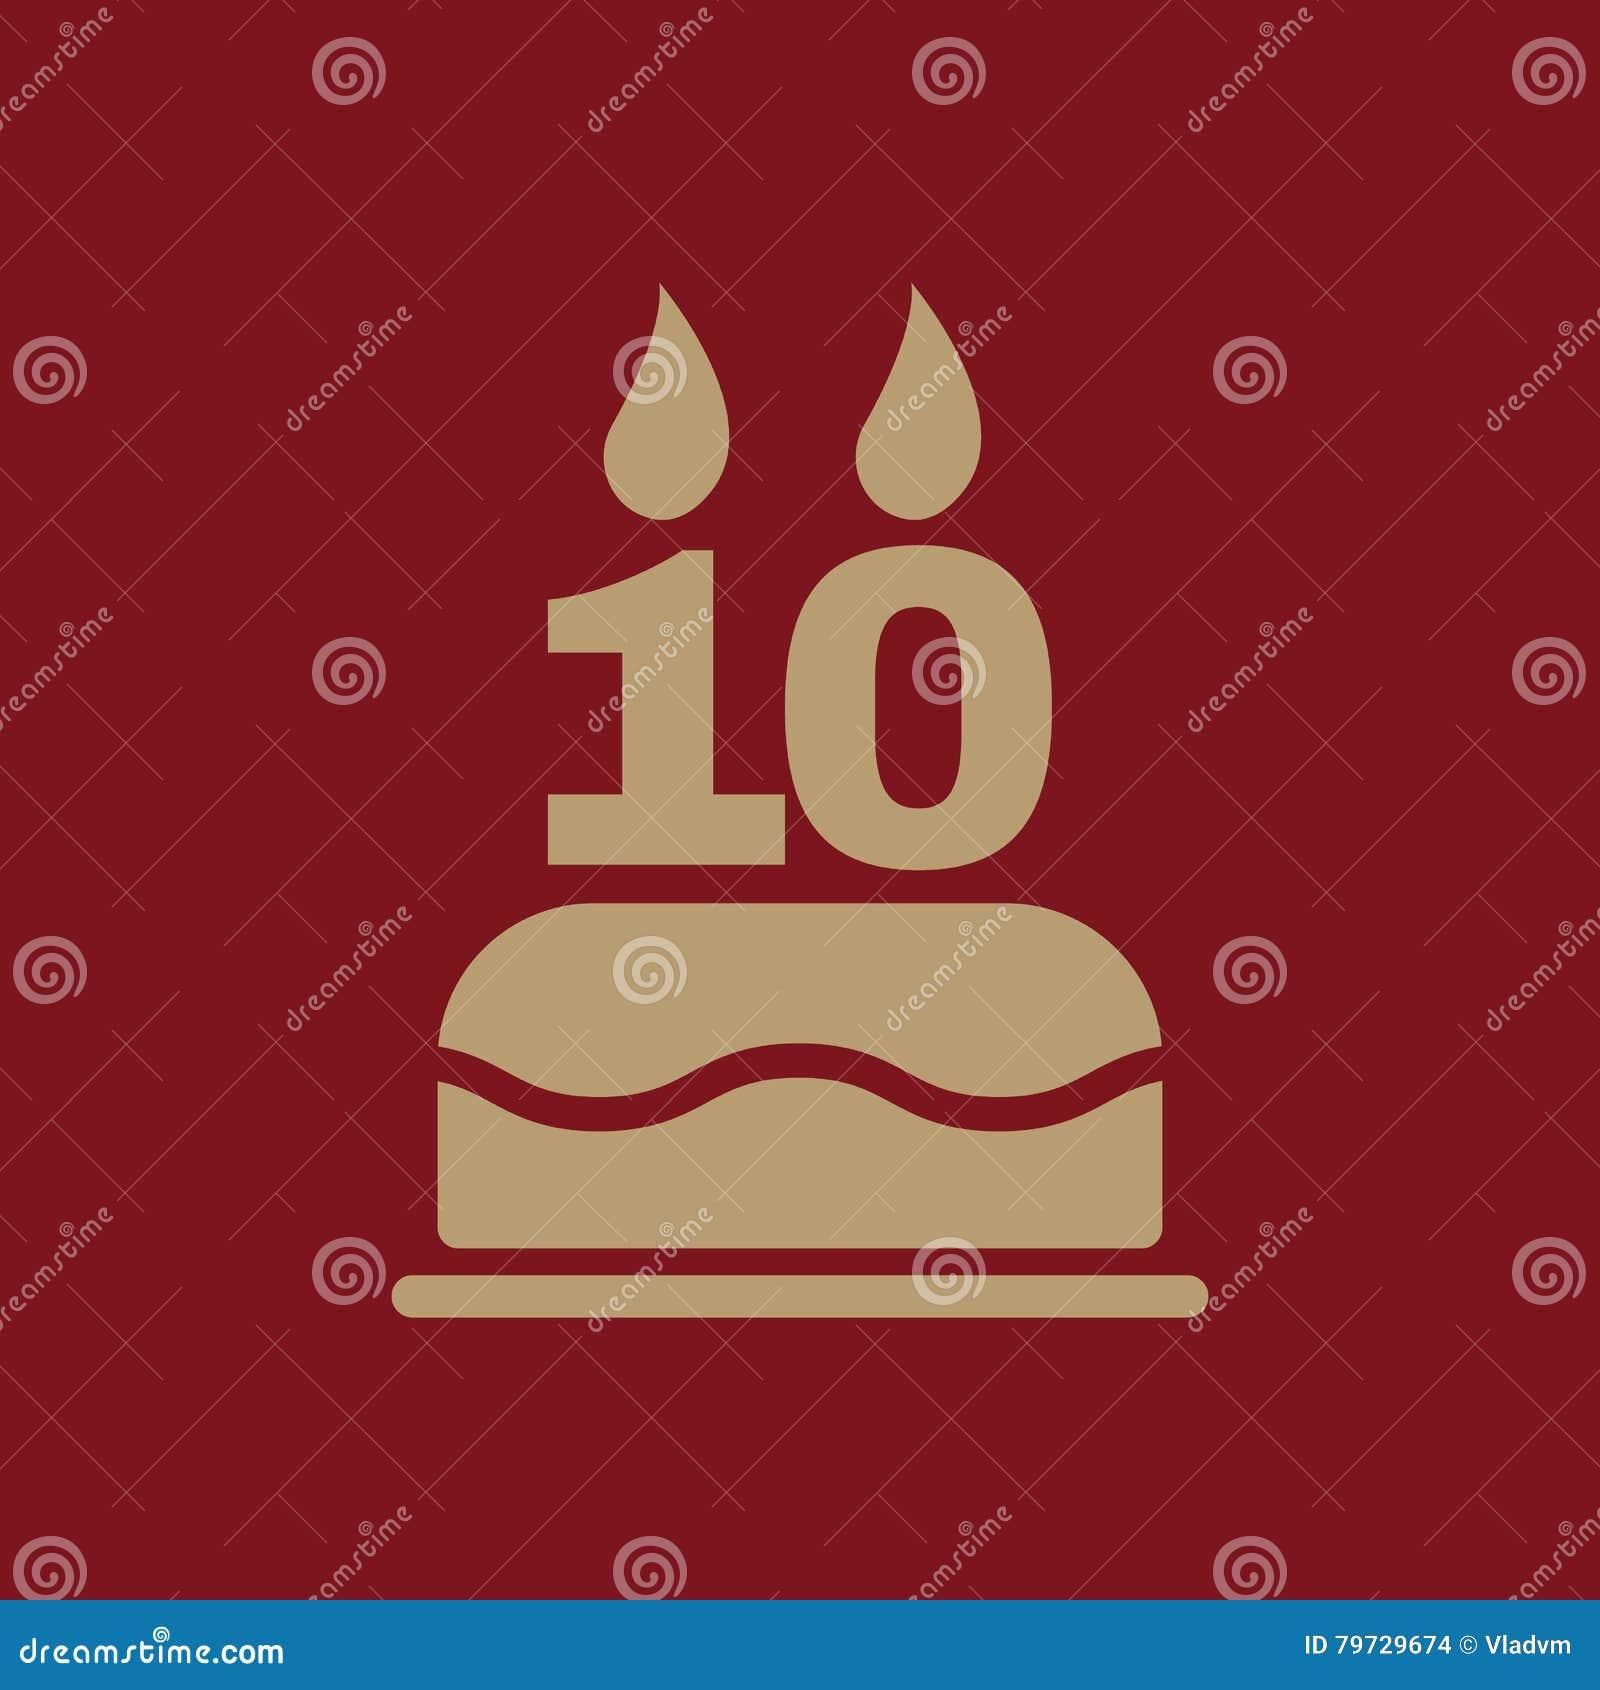 La torta de cumpleaños con las velas bajo la forma de icono del número 10 símbolo del cumpleaños plano